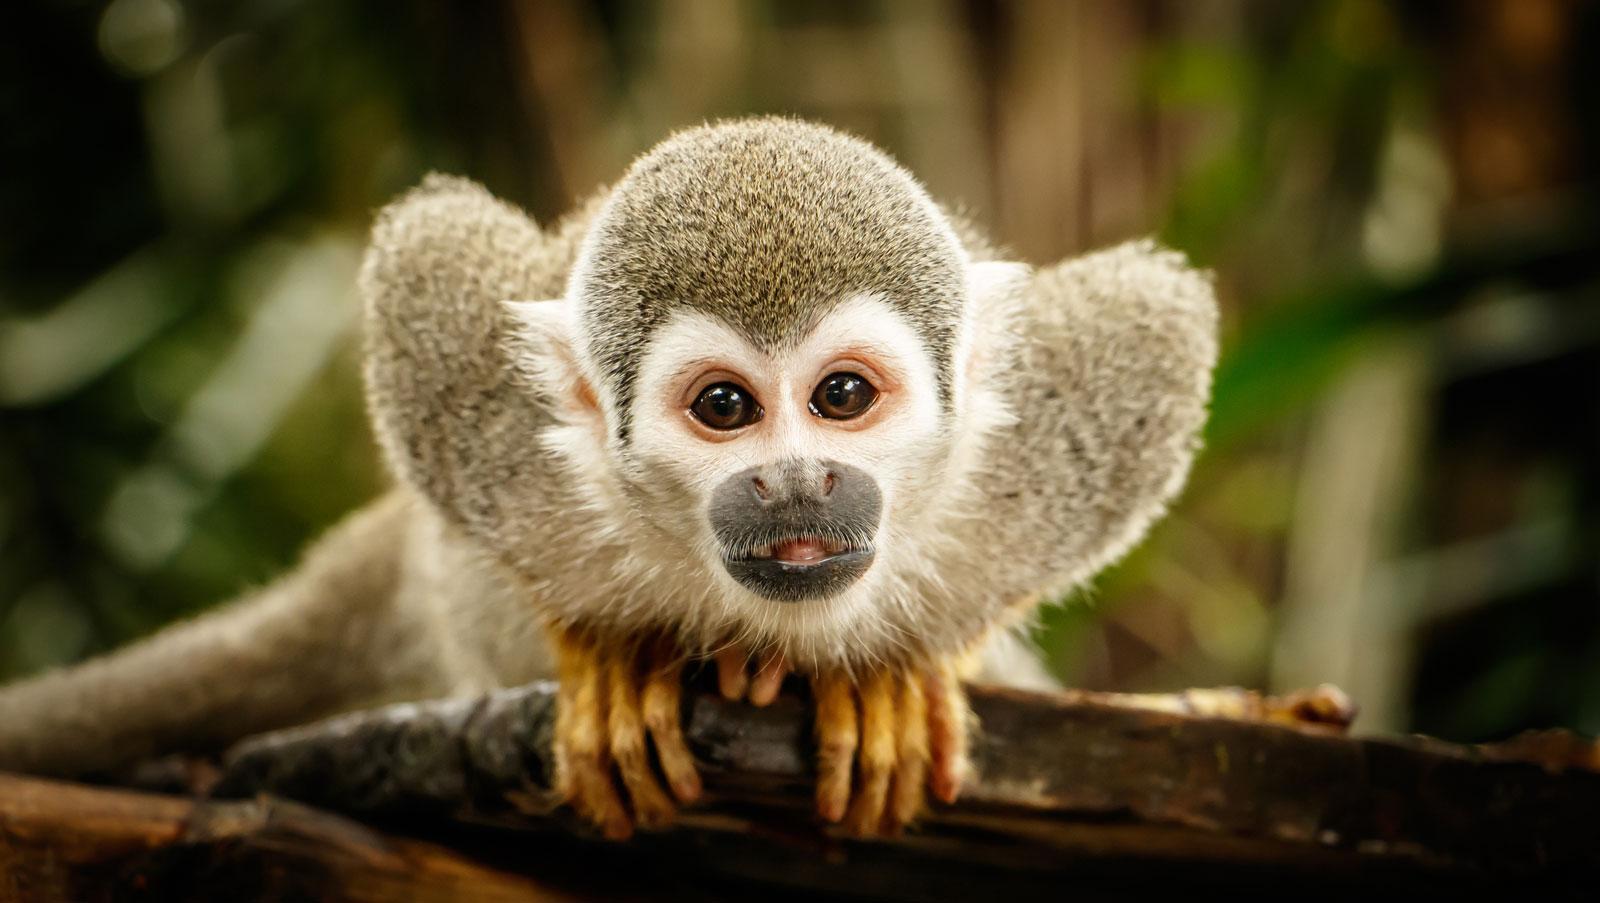 Symbolic Monkey Meaning And Monkey Totem Meaning